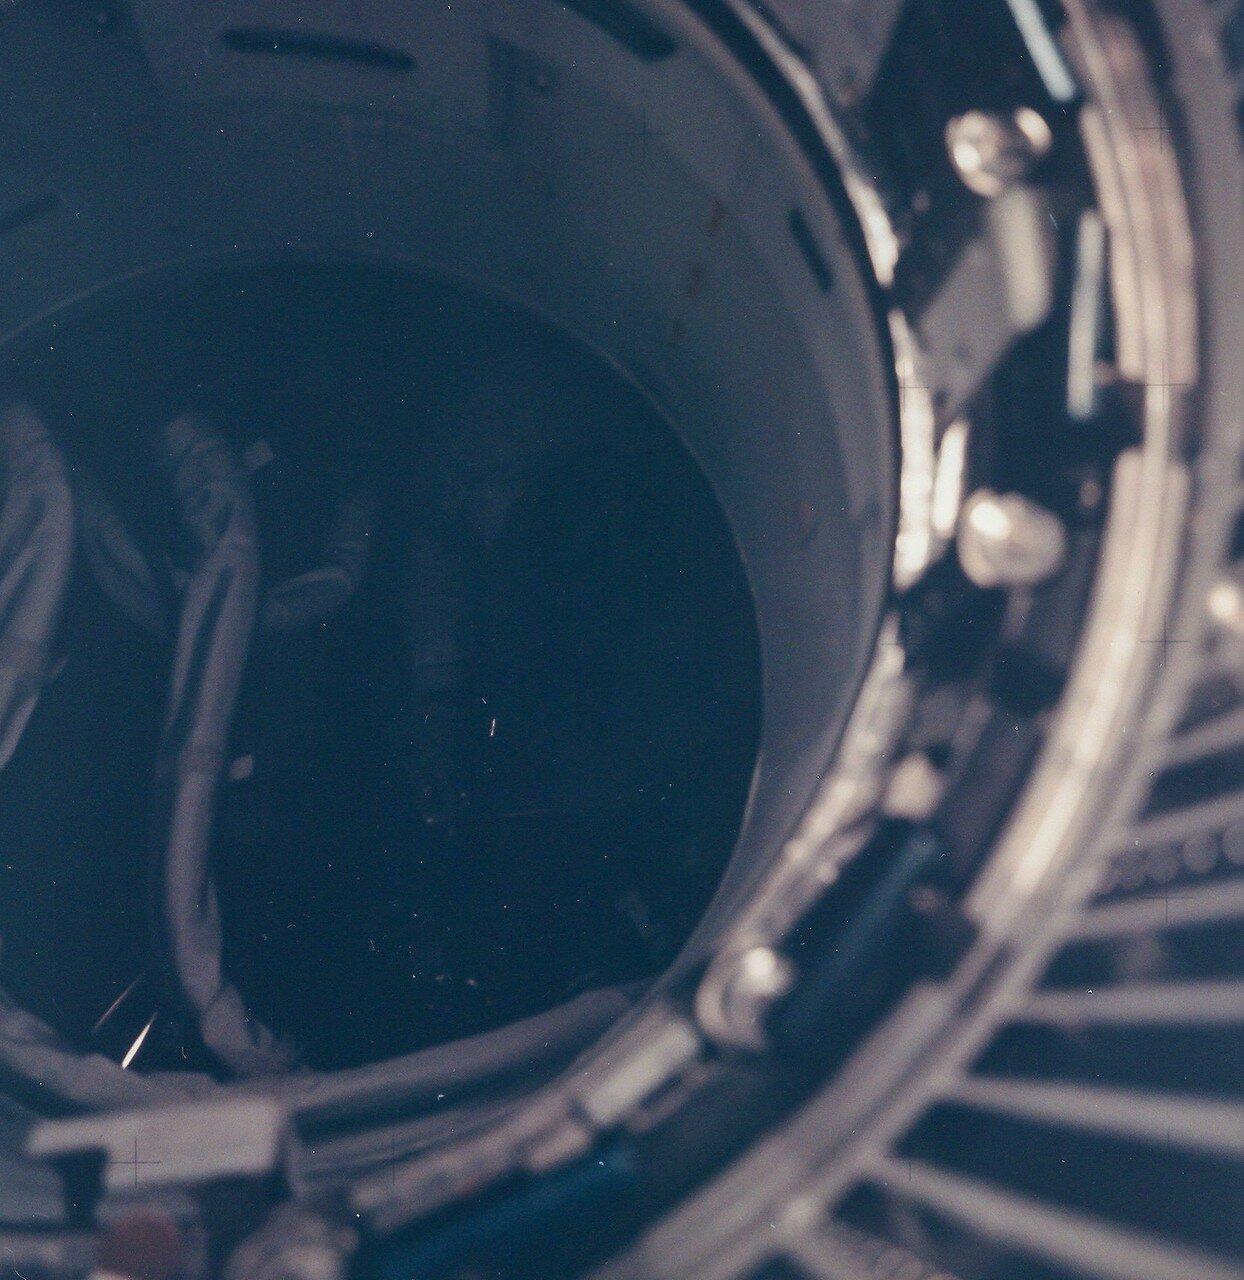 Последовала команда двум членам экипажа перейти в кабину лунного модуля. Хейз приступил к включению систем лунного корабля, а Ловелл записал параметры ориентации на компьютере в журнал полёта. На снимке:  Внутренний вид корабля во время эвакуации экипажа